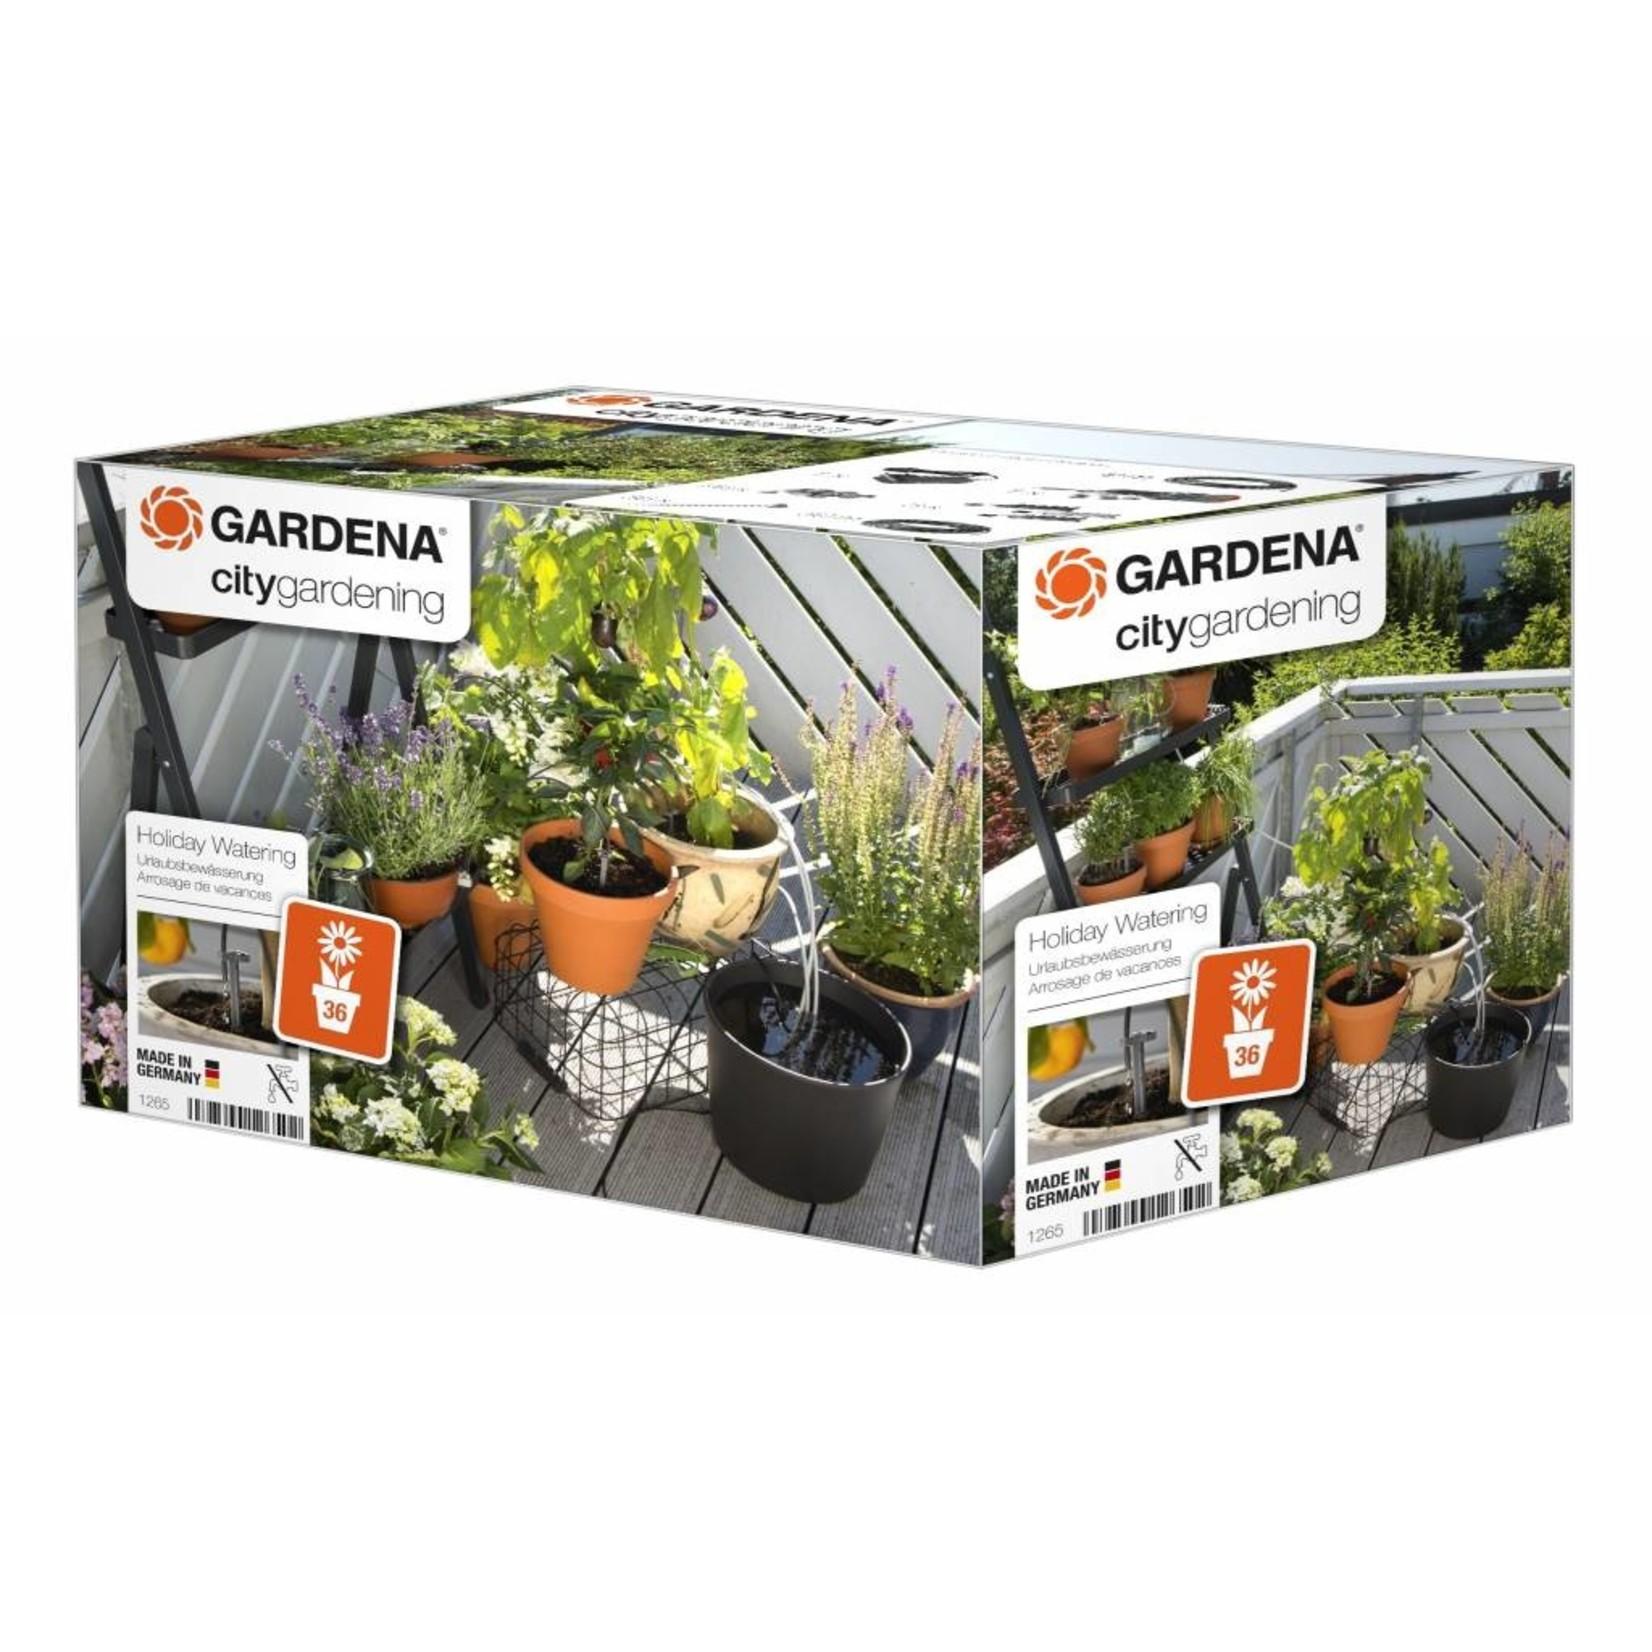 Gardena Gardena Vakantiebewateringsset